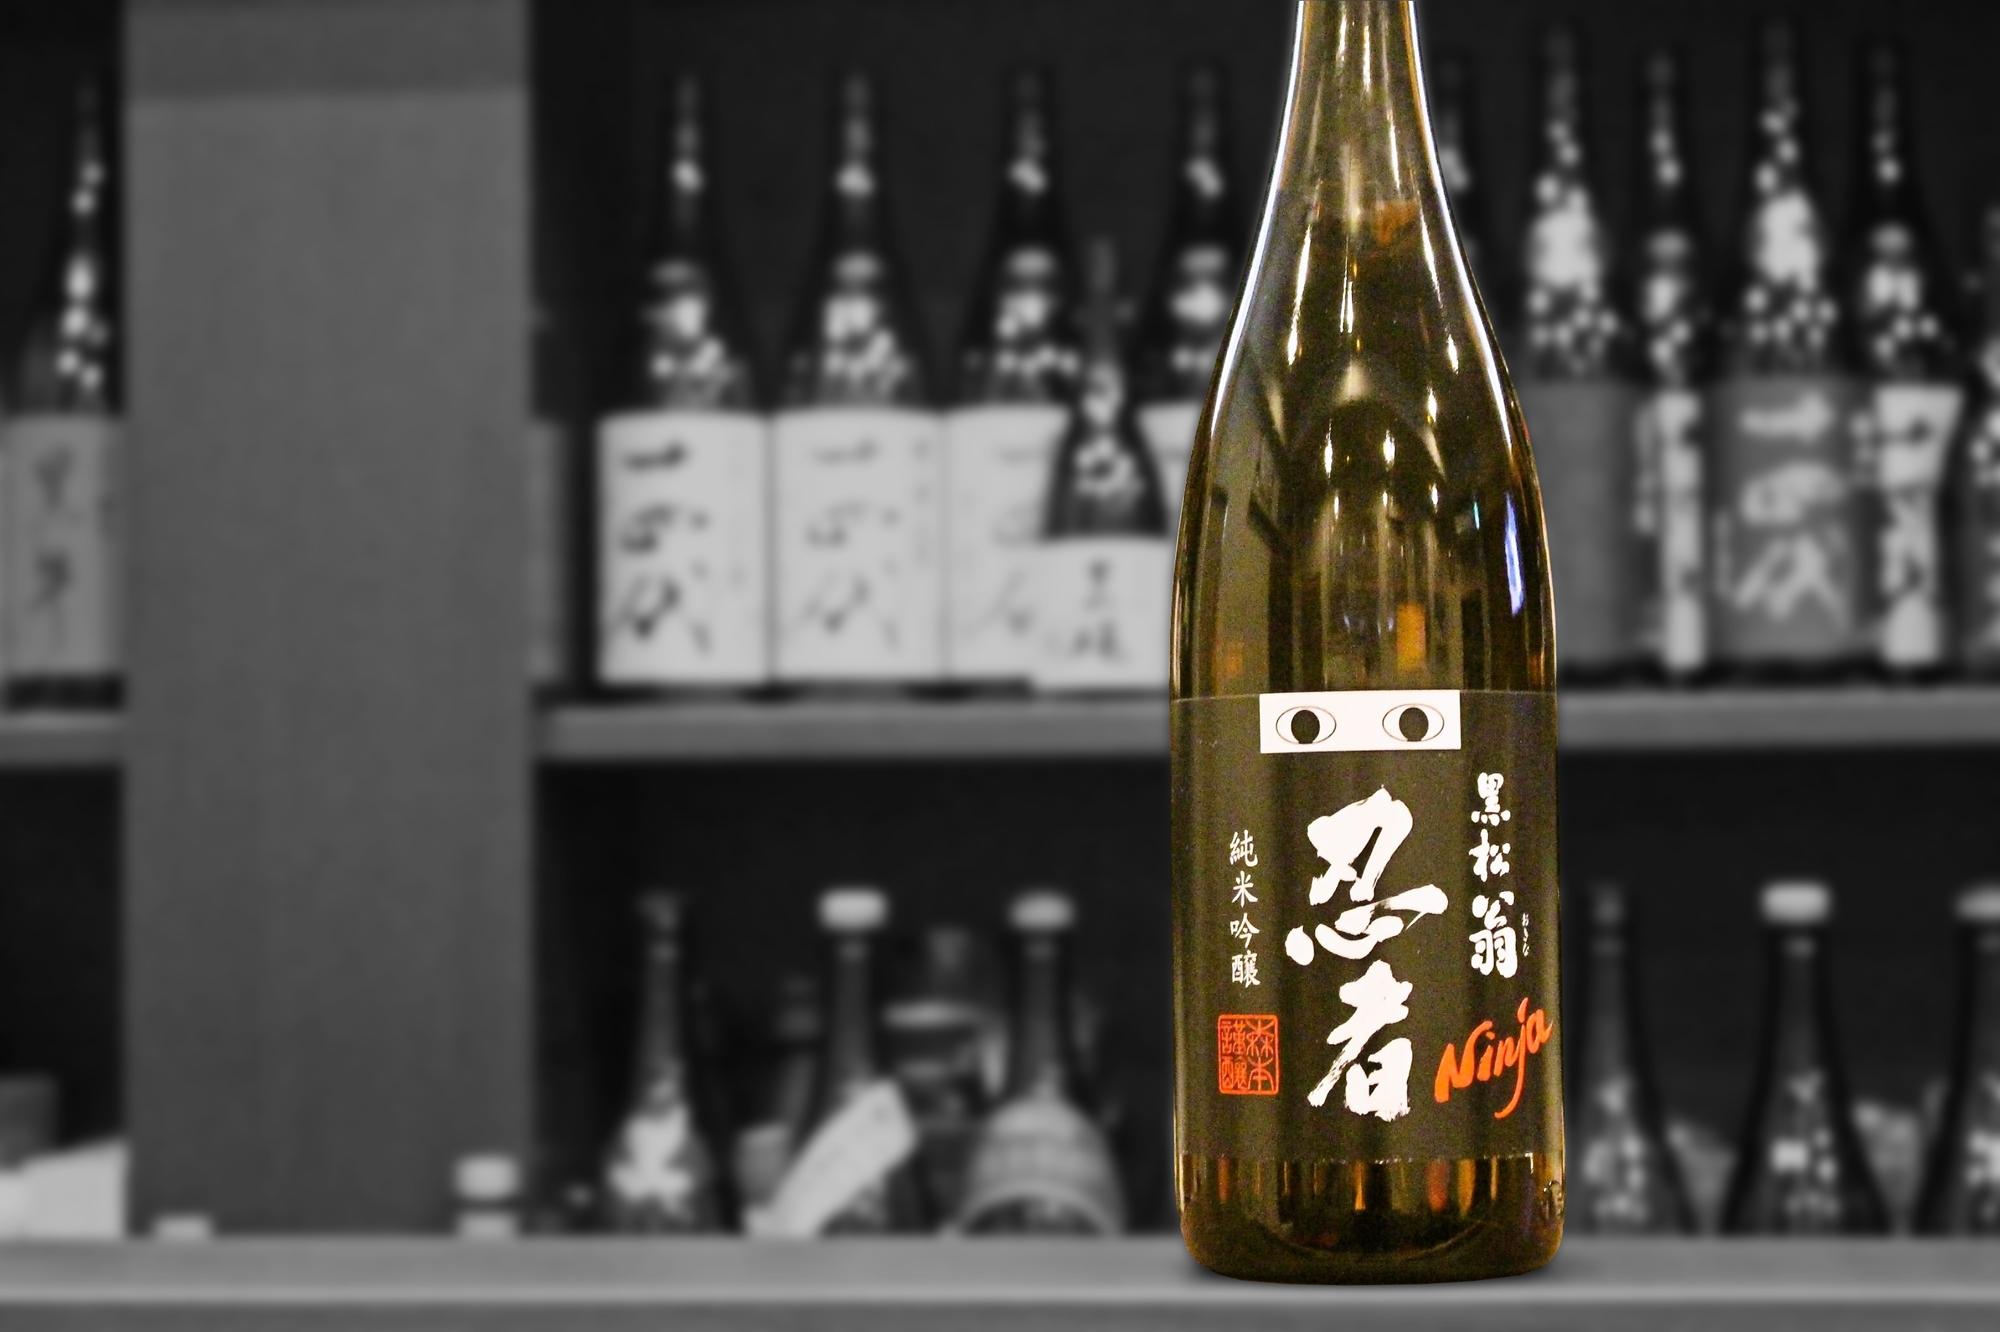 黒松翁純米吟醸忍者庫内三年熟成202102-001